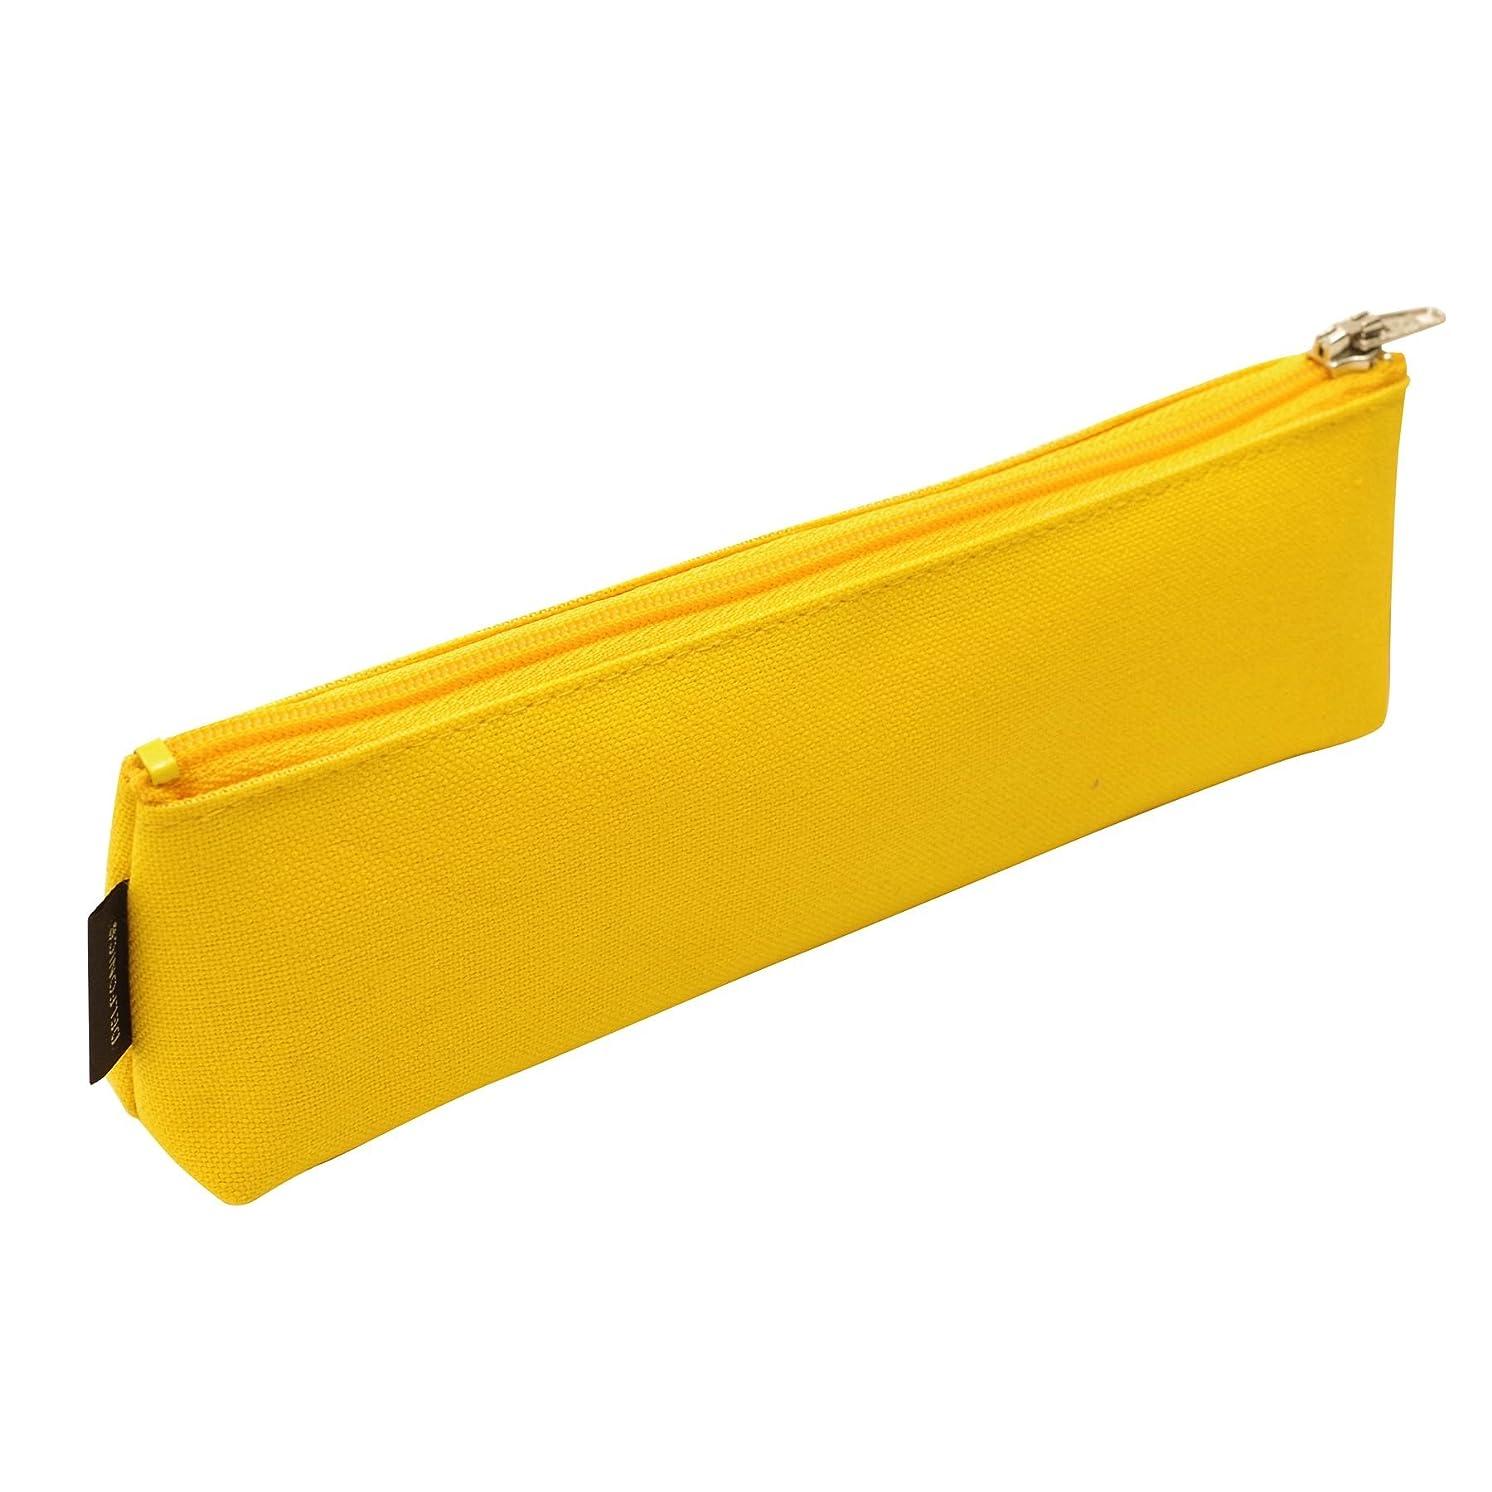 [DELFONICS] Marek Pencil Case Simple Cotton School Pen Bag Pencil Pouch Case 500314 Yellow